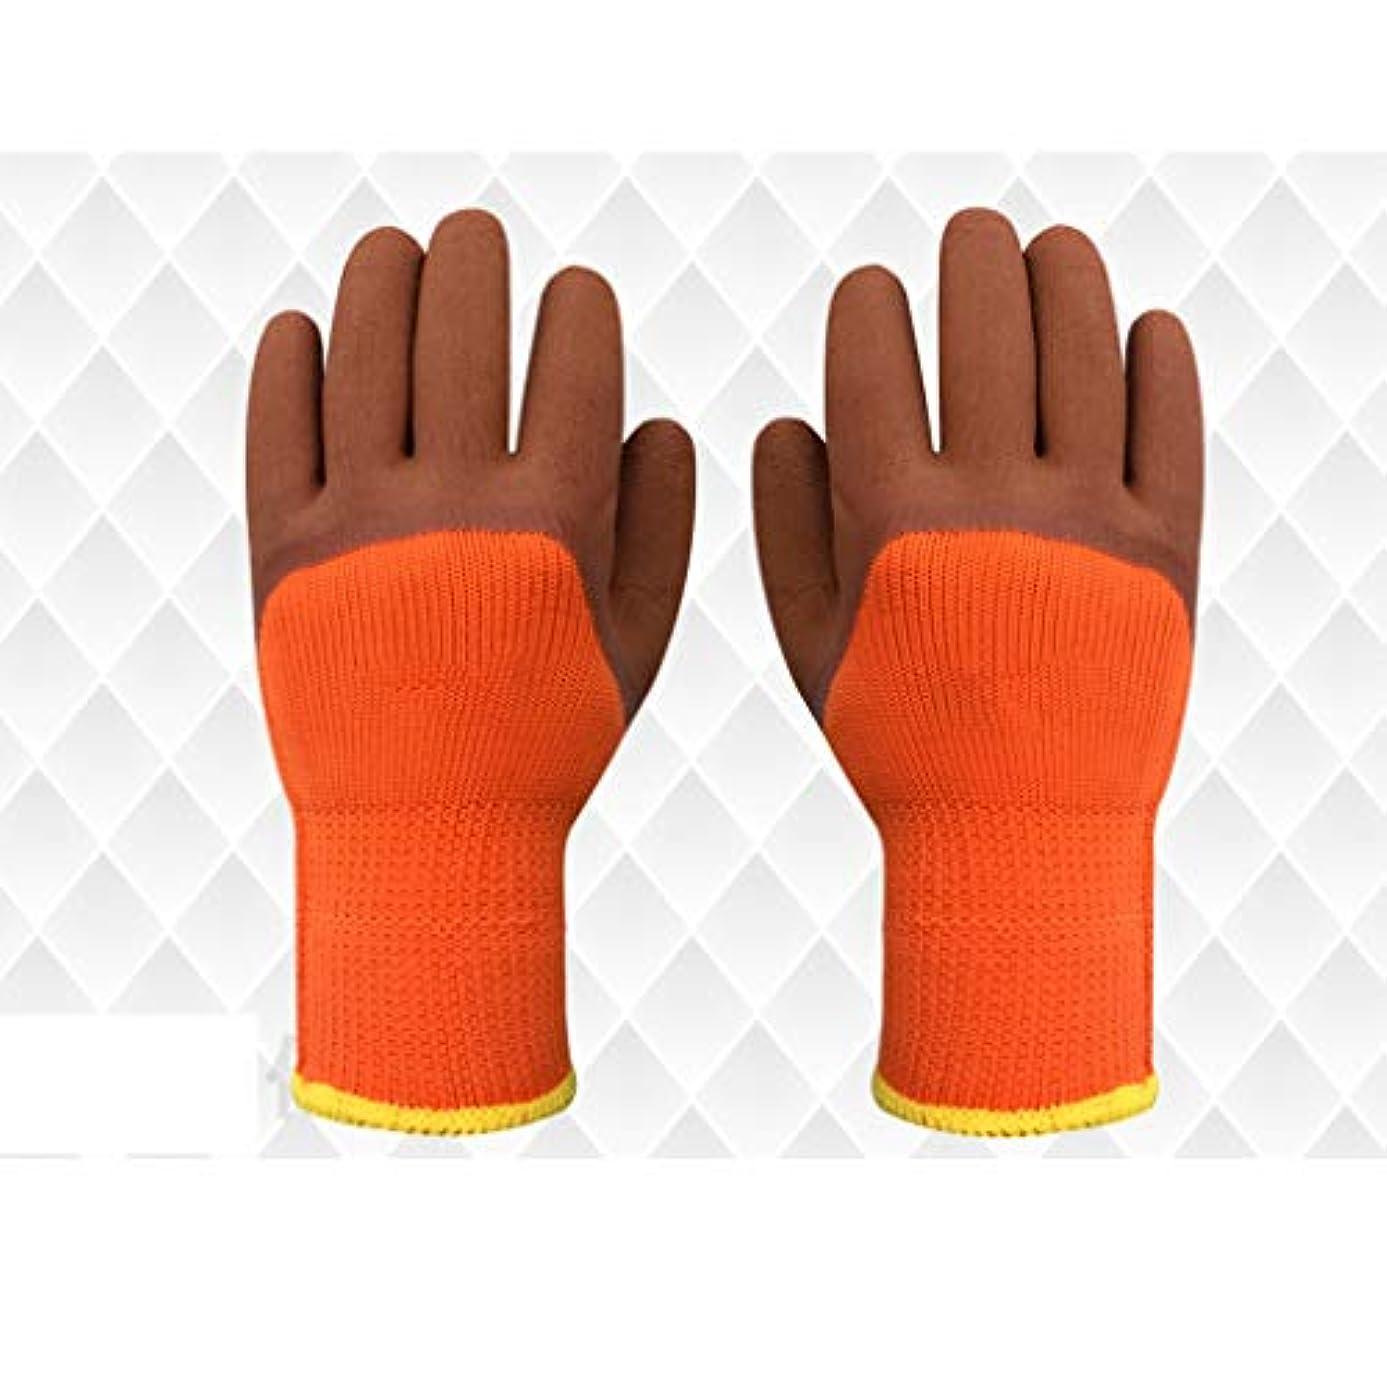 機械的用語集キャリッジLIUXIN 厚手の耐摩耗性保護手袋指先肥厚セミトレイルディッピング工業用手袋マルチスタイルオプション22.5 x 10 CM ゴム手袋 (Color : C)